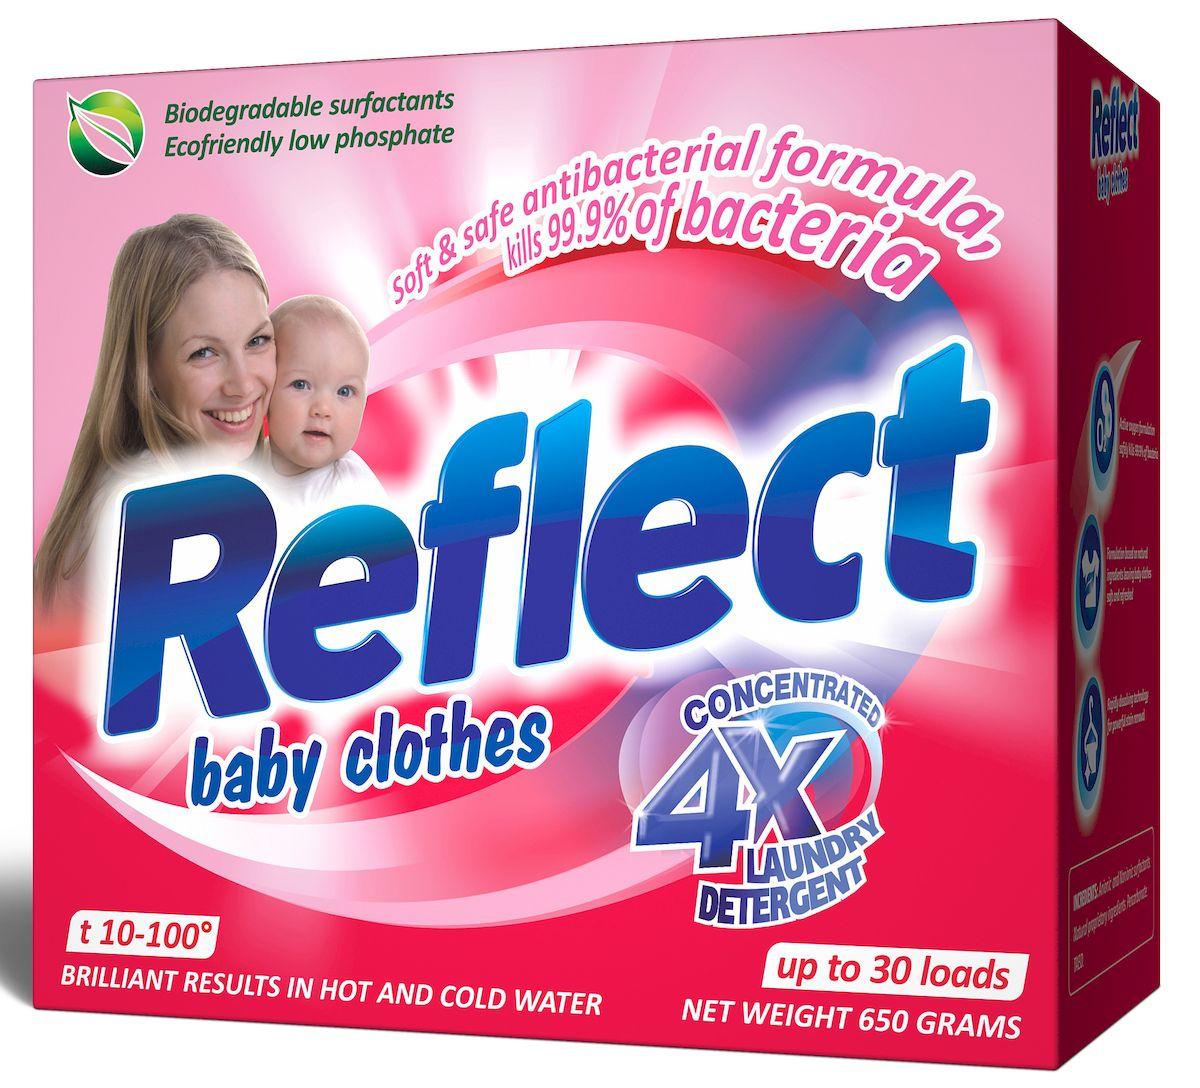 Стиральный порошок Reflect Baby Clothes, концентрированный, 650 г935167Reflect Baby Clothes - это концентрированный стиральный порошок для детского белья с первых дней жизни ребенка от 0 месяцев. На основе натурального мыла легко справляется со специфическими загрязнениями от жизнедеятельности ребенка.Стиральный порошок Reflect Baby Clothes:- отлично удаляет пятна (молоко, детское питание, каши, пюре, сок и т.д.); - гипоаллергенный, для людей с чувствительной кожей;- для всех типов ткани, включая шерсть; - от 10 до 100°С для белого и цветного белья, обновляет цвет, сохраняет структуру ткани; - экопродукт, полностью выполаскивается.